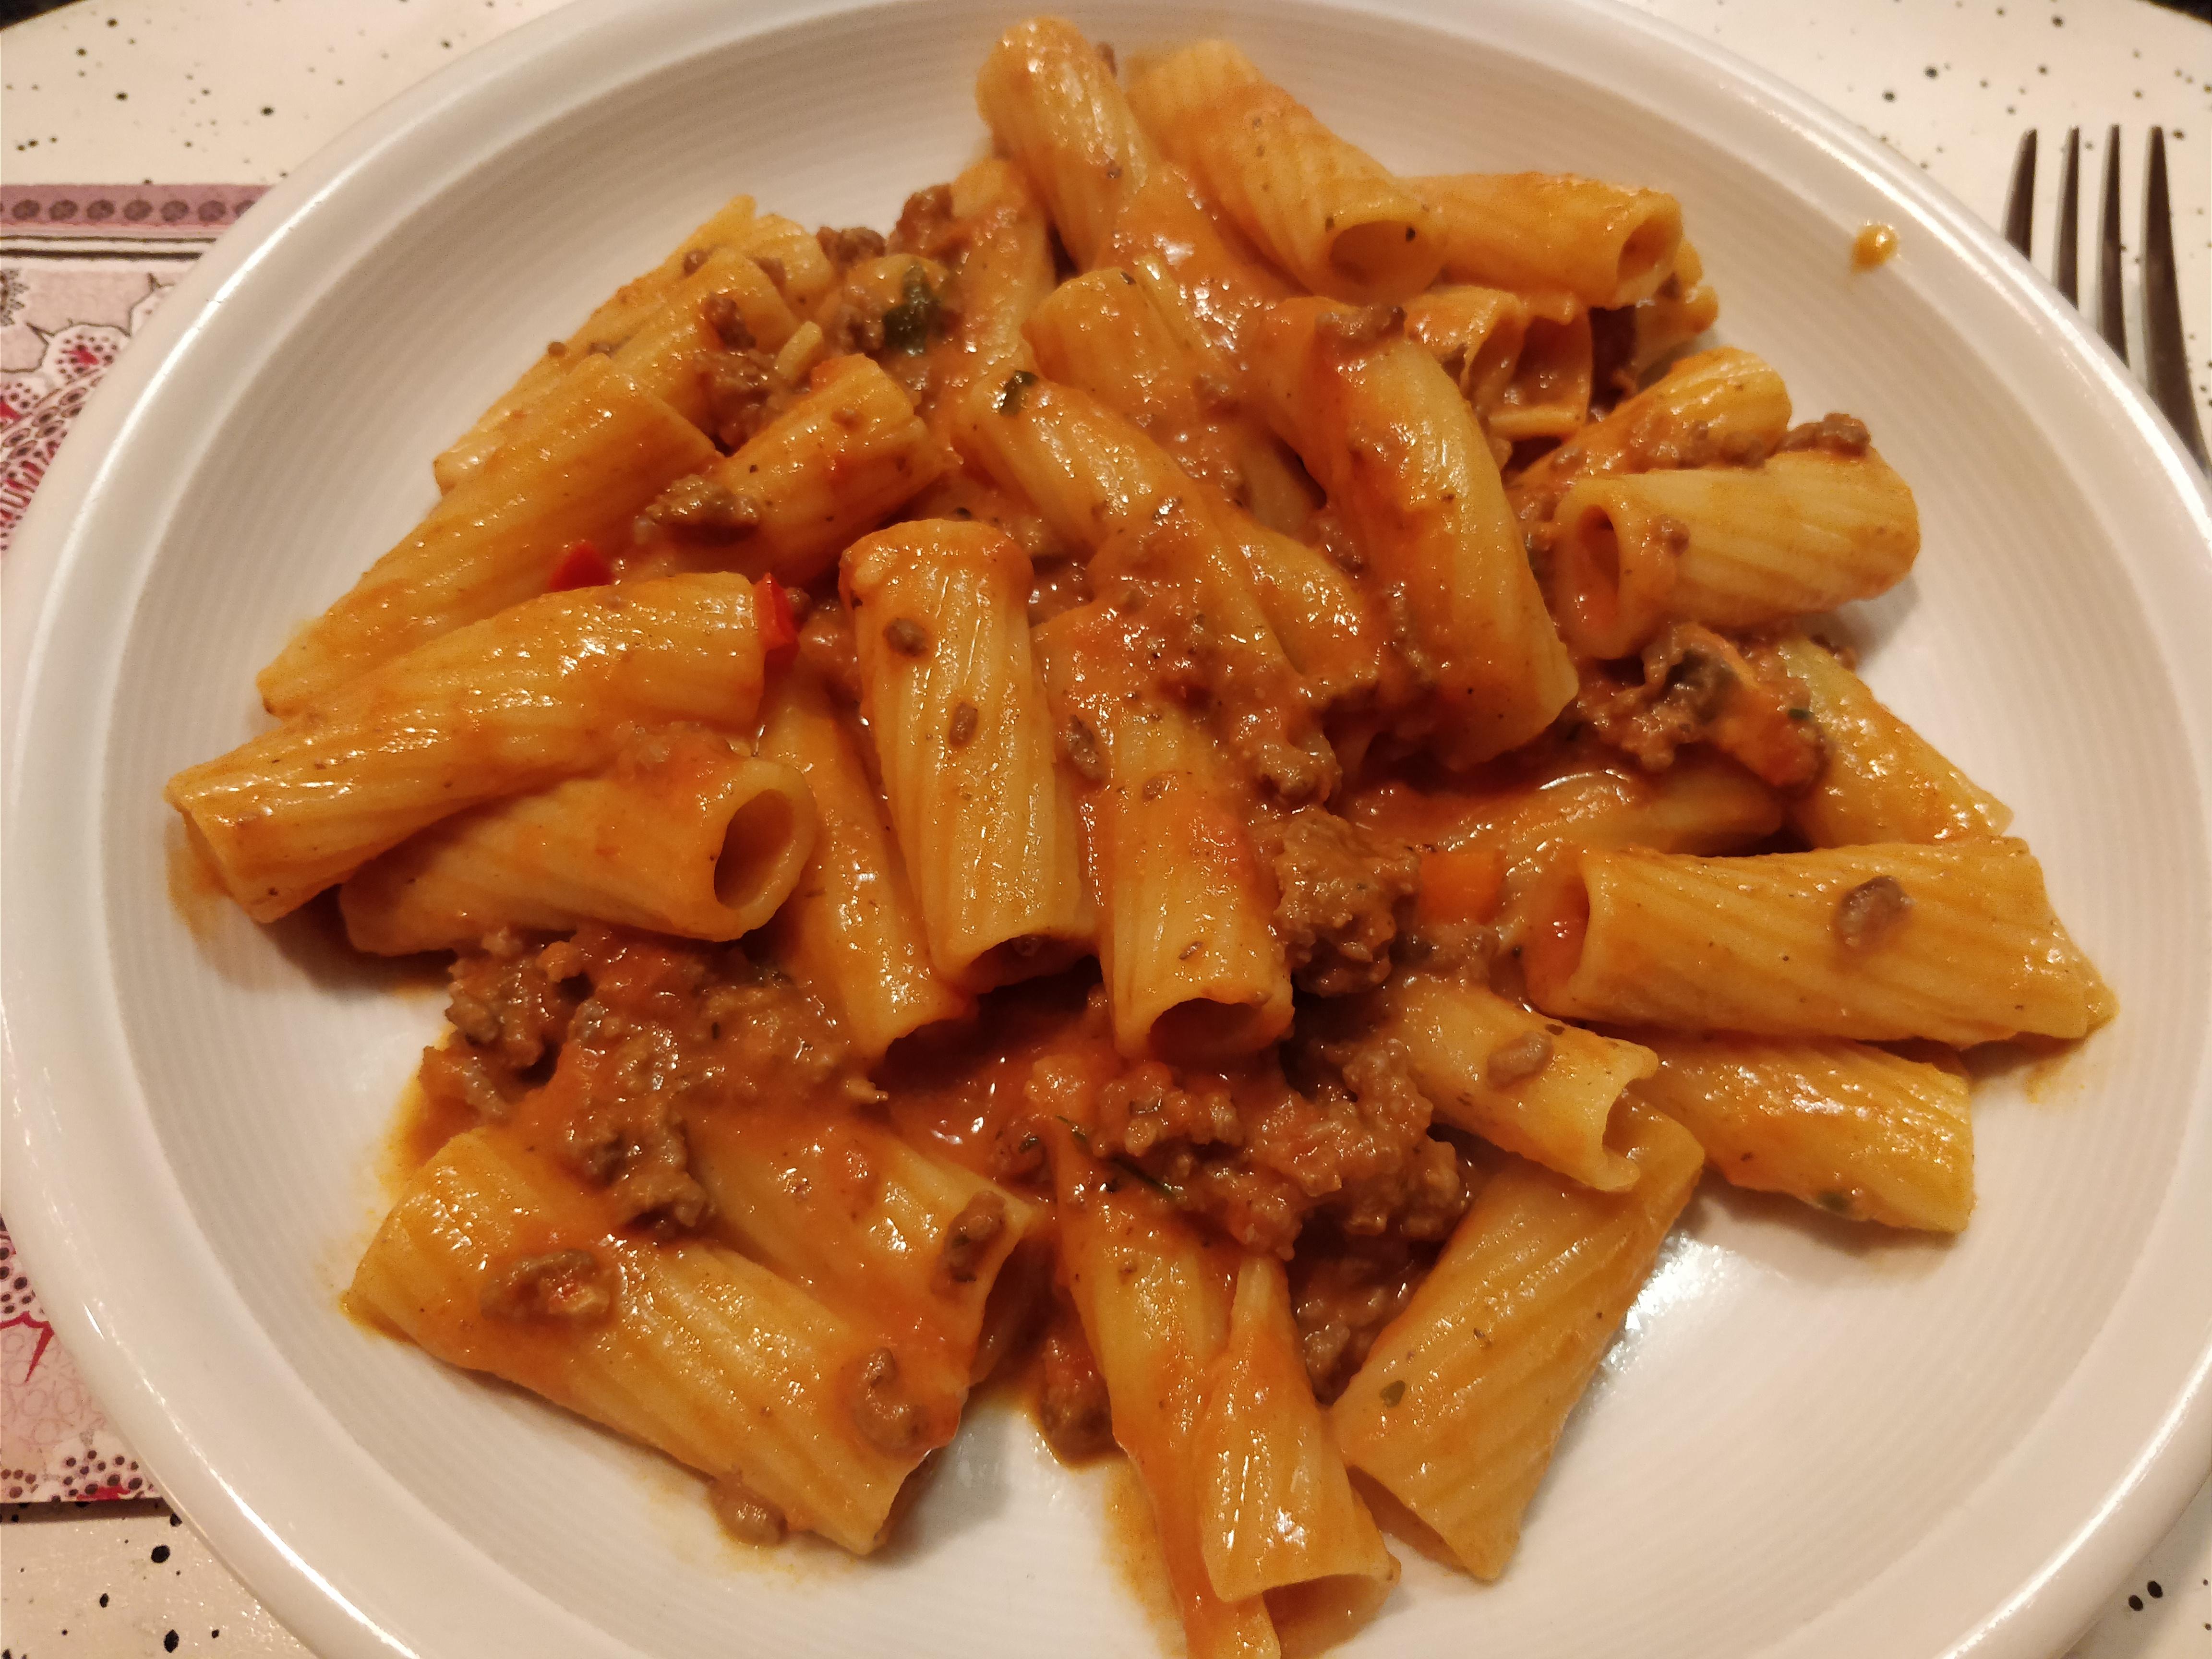 http://foodloader.net/nico_2017-11-01_rigatoni-bolognese.jpg